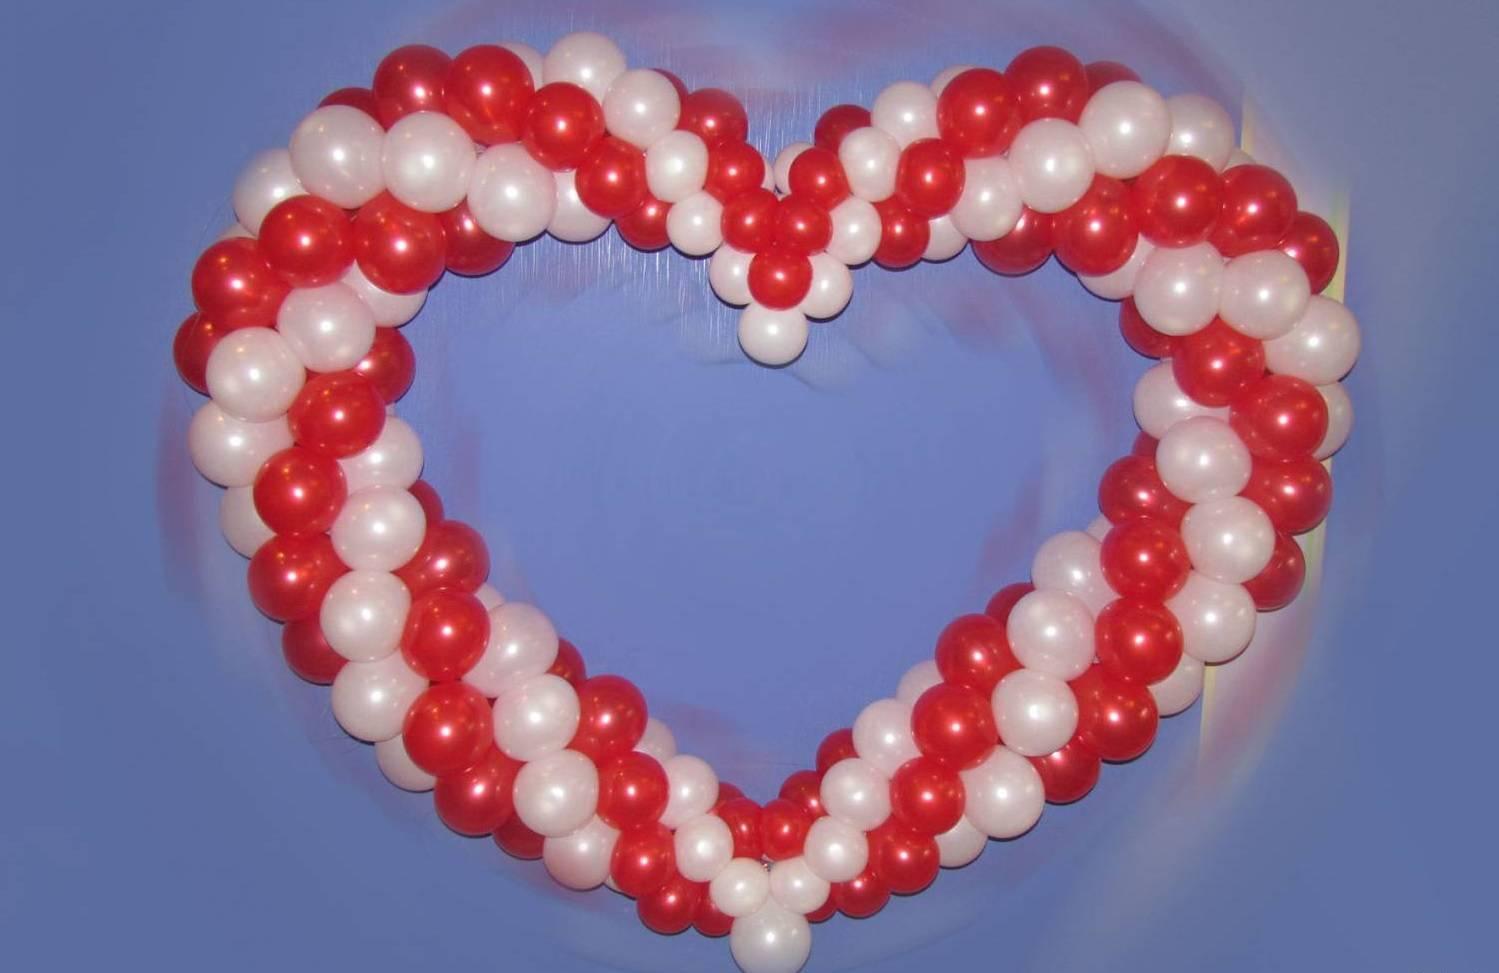 Сердце из шаров: легко, быстро, оригинально